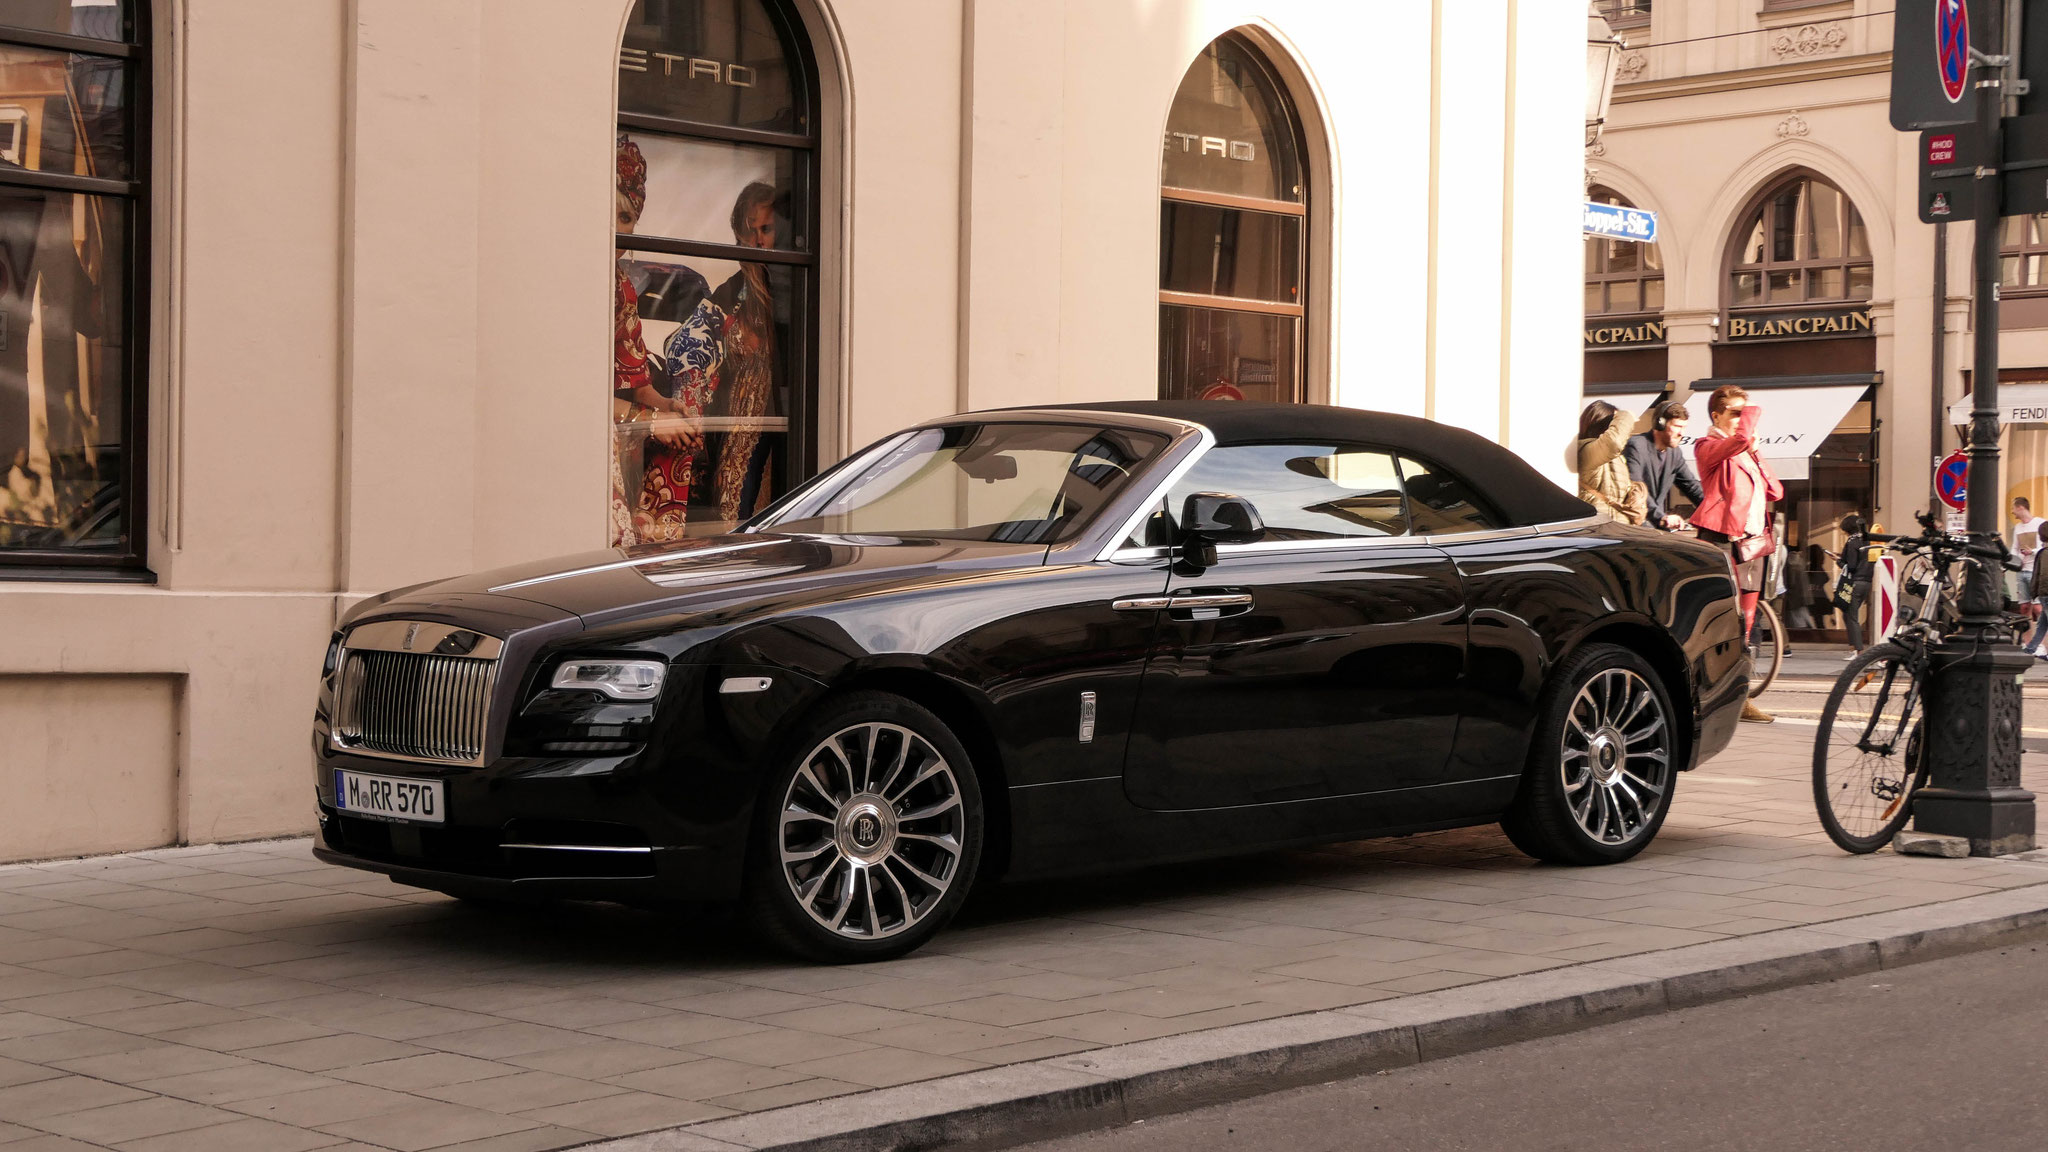 Rolls Royce Dawn - M-RR-570